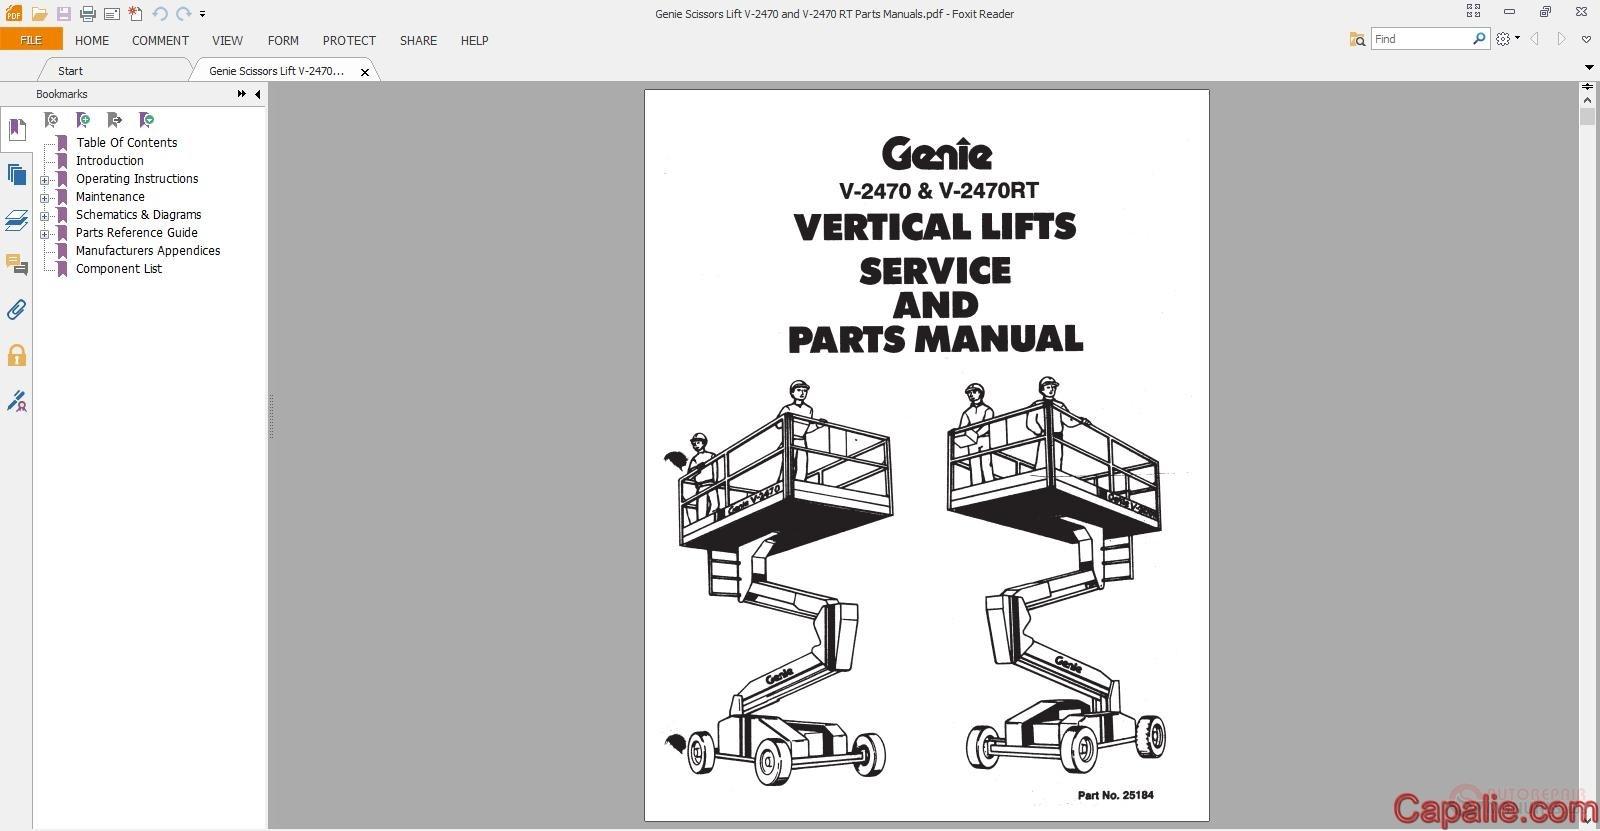 Genie Scissors Lift V-2470 and V-2470 RT Parts Manuals | Auto Repair